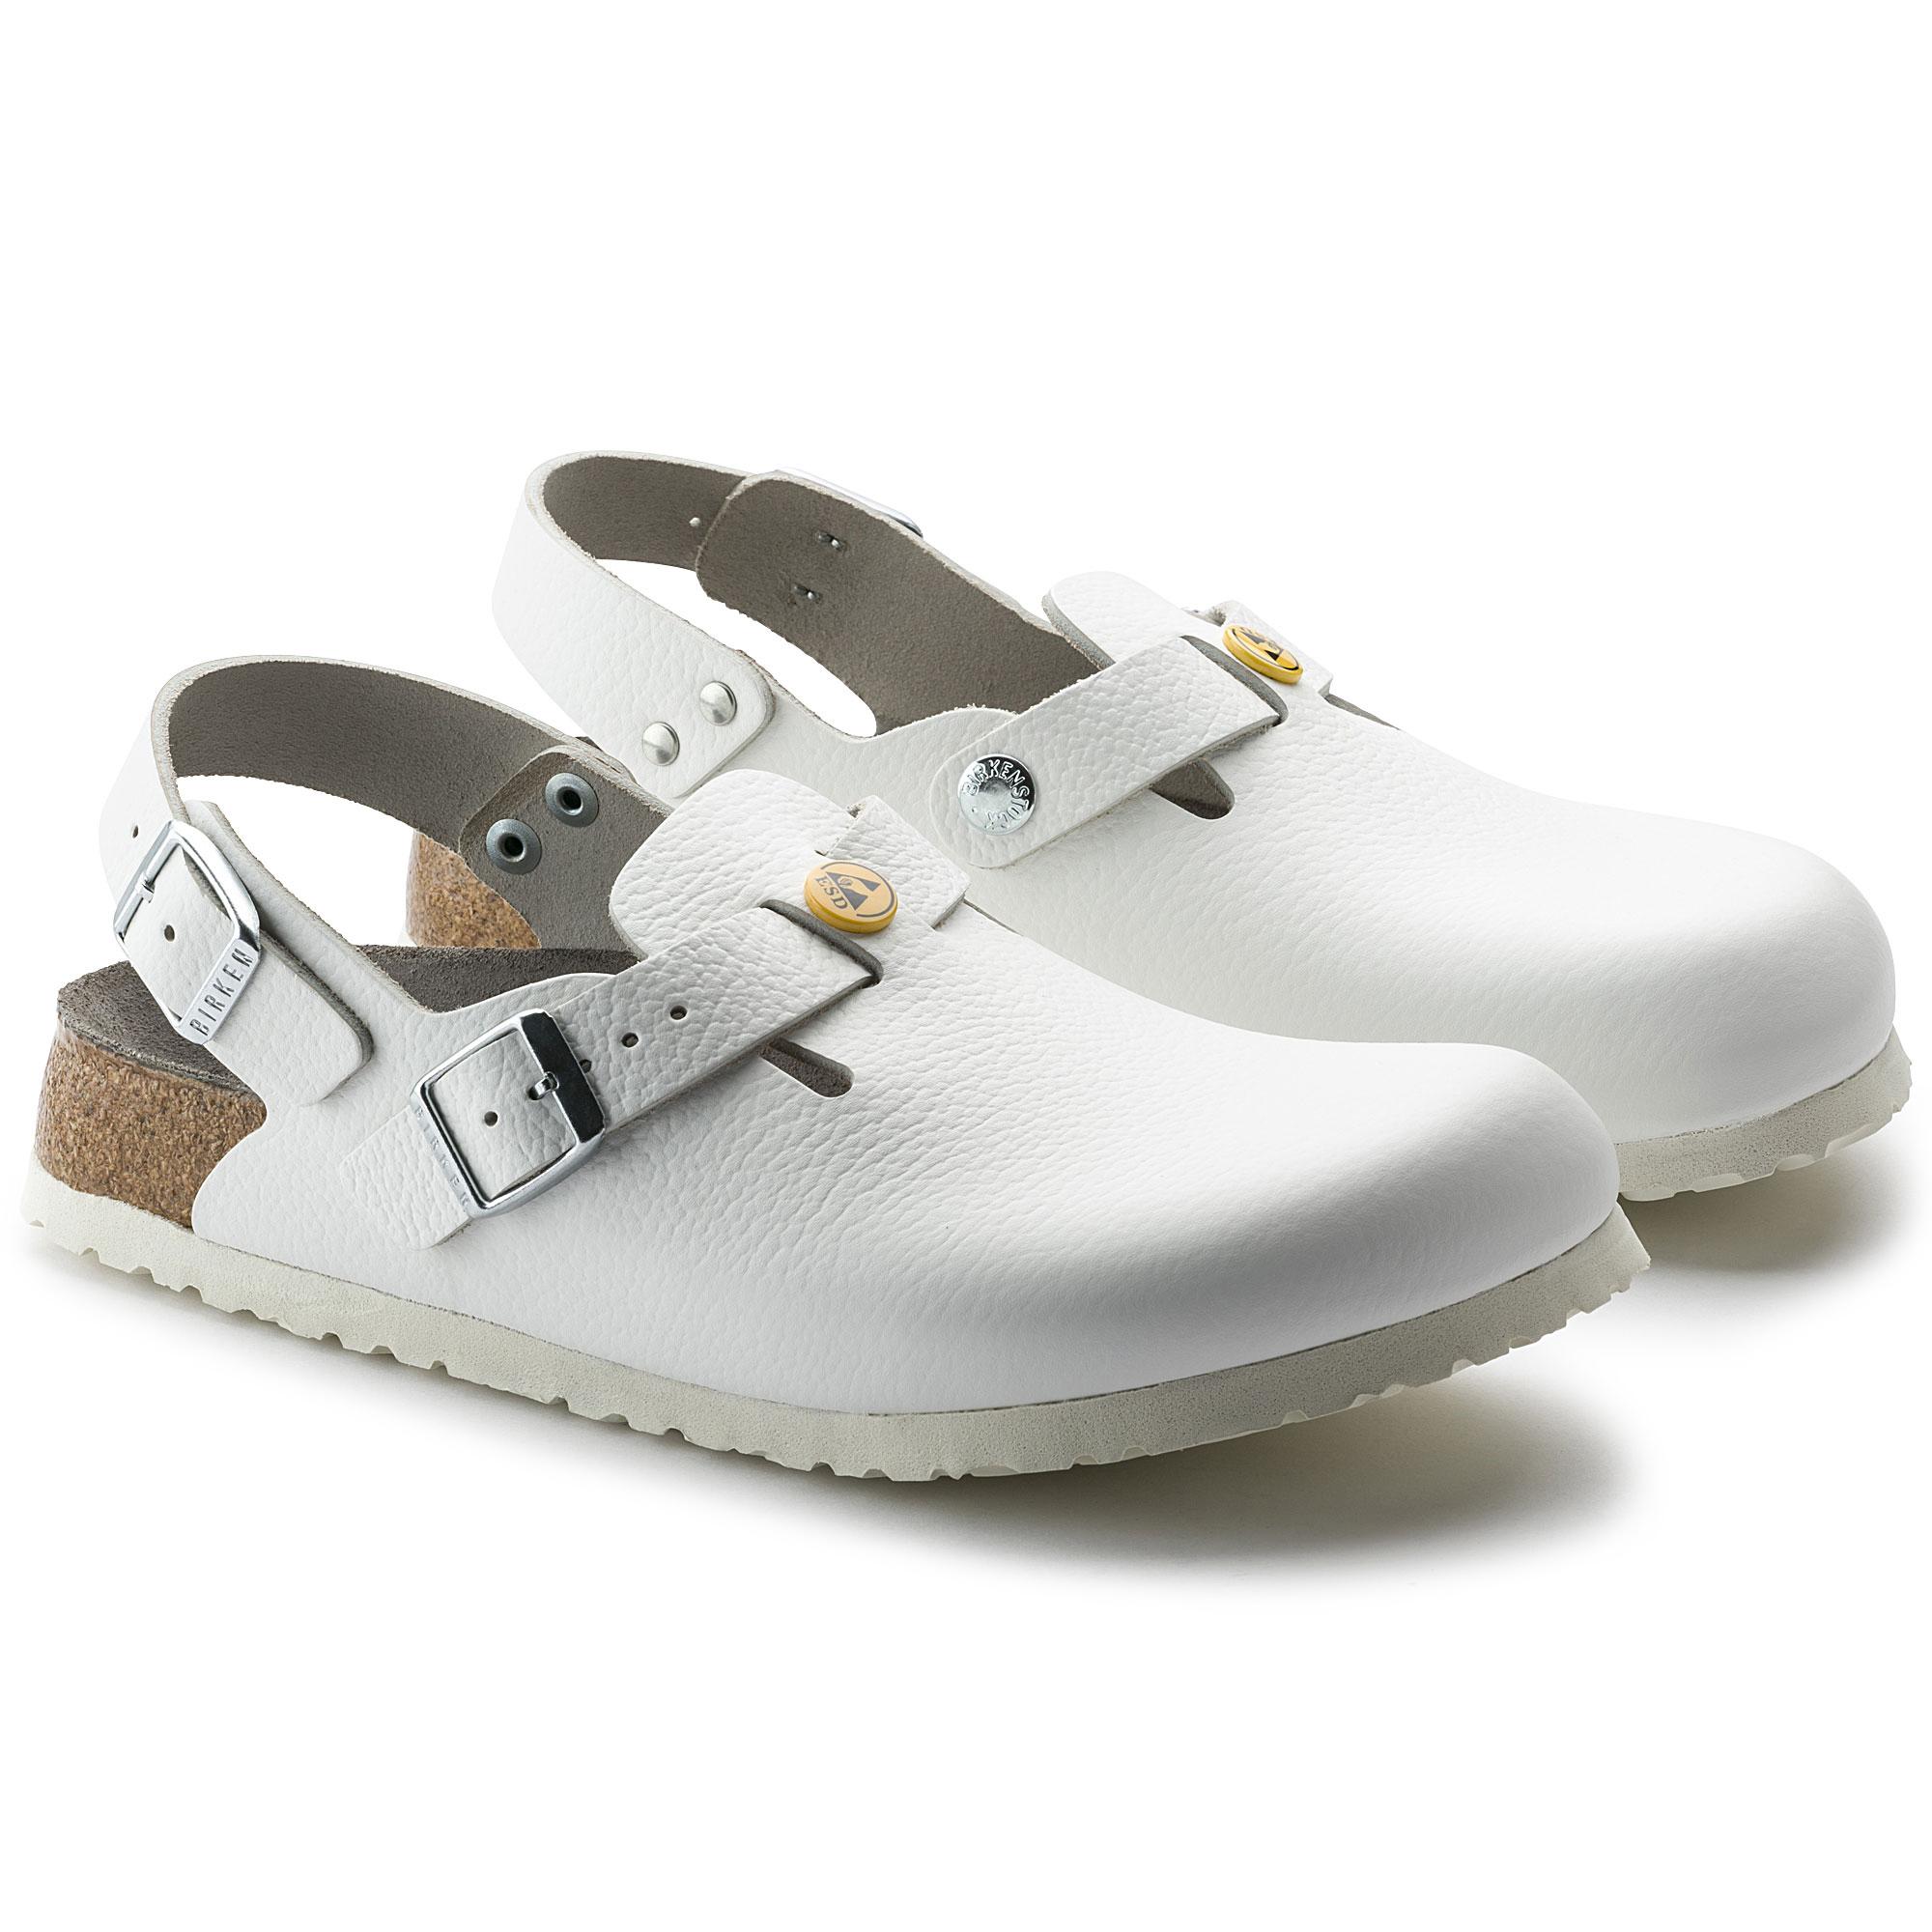 af5757ff82ba Tokio Natural Leather White · Tokio Natural Leather White ...